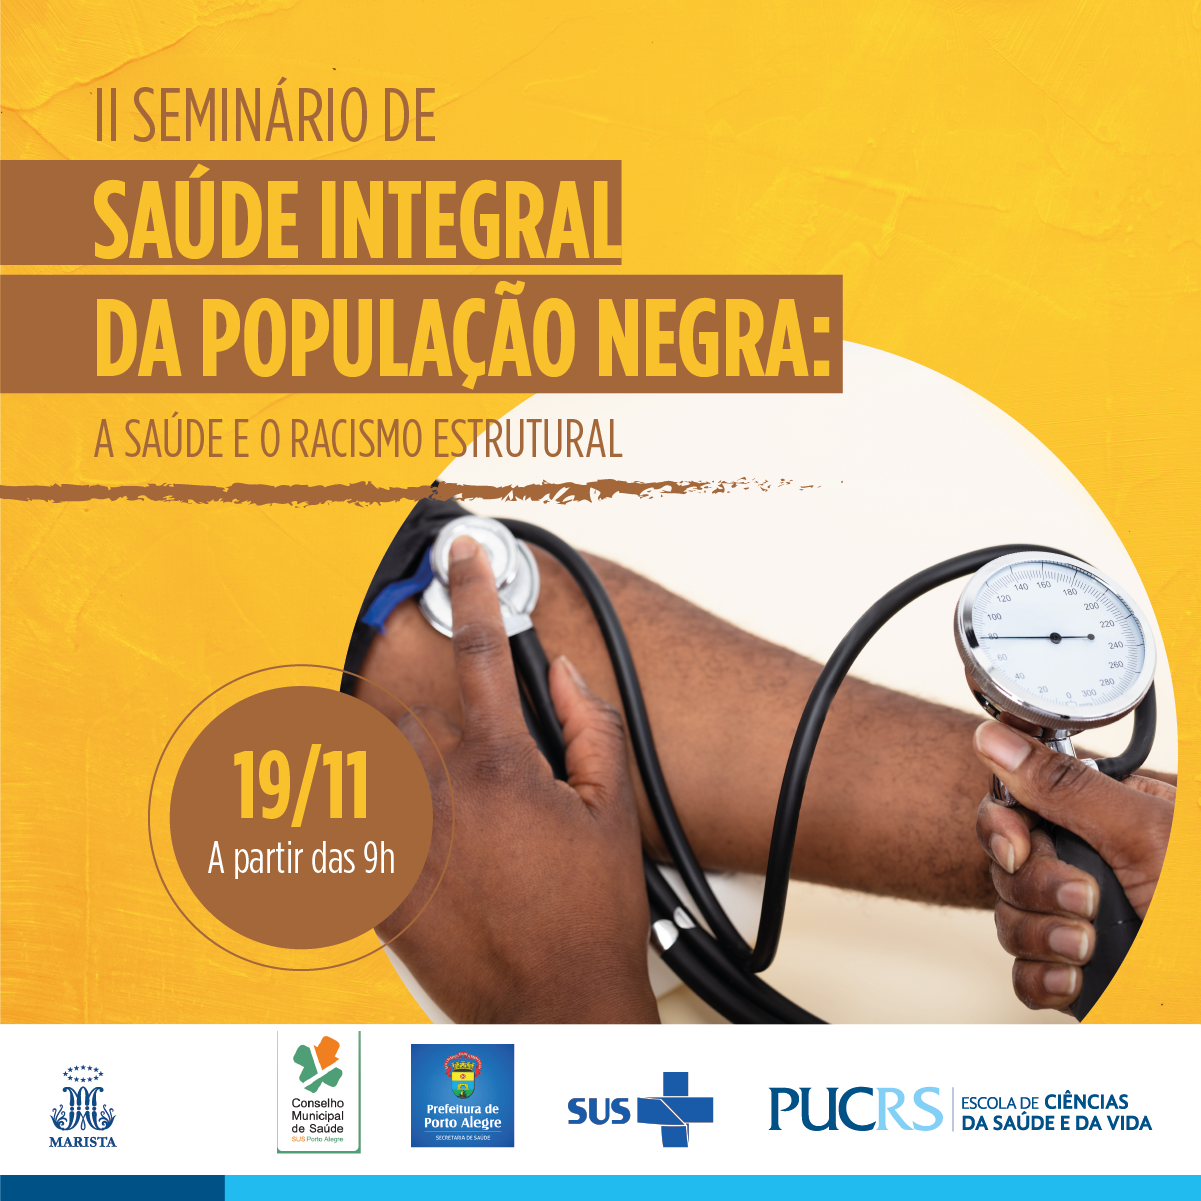 II Seminário Interprofissional de Saúde Integral da População Negra: a Saúde e o Racismo Estrutural